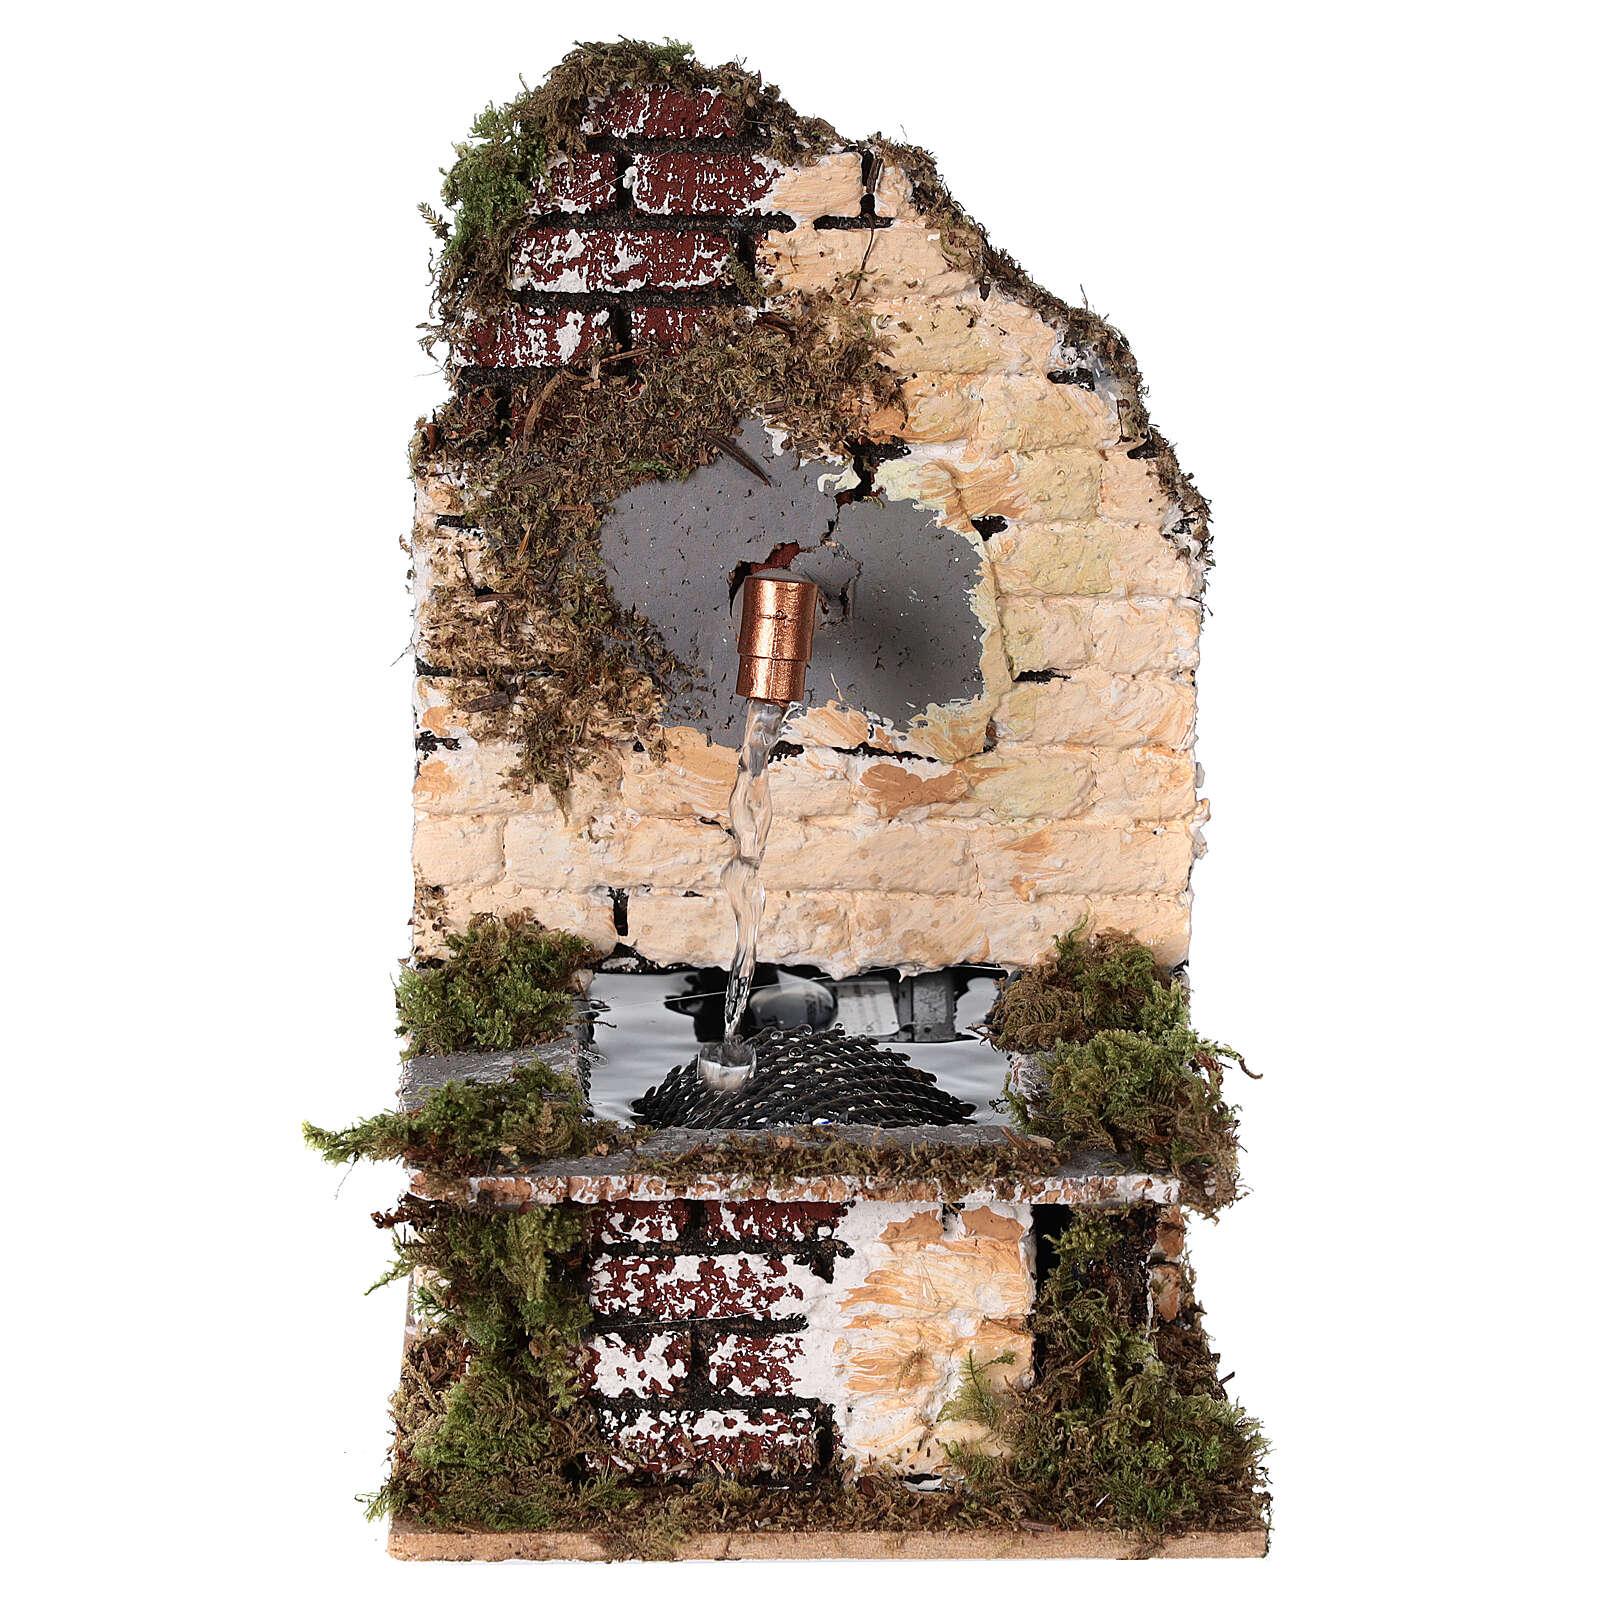 Fuente que funciona rústica pared corcho 10x15x10 belén 12-14 cm 4